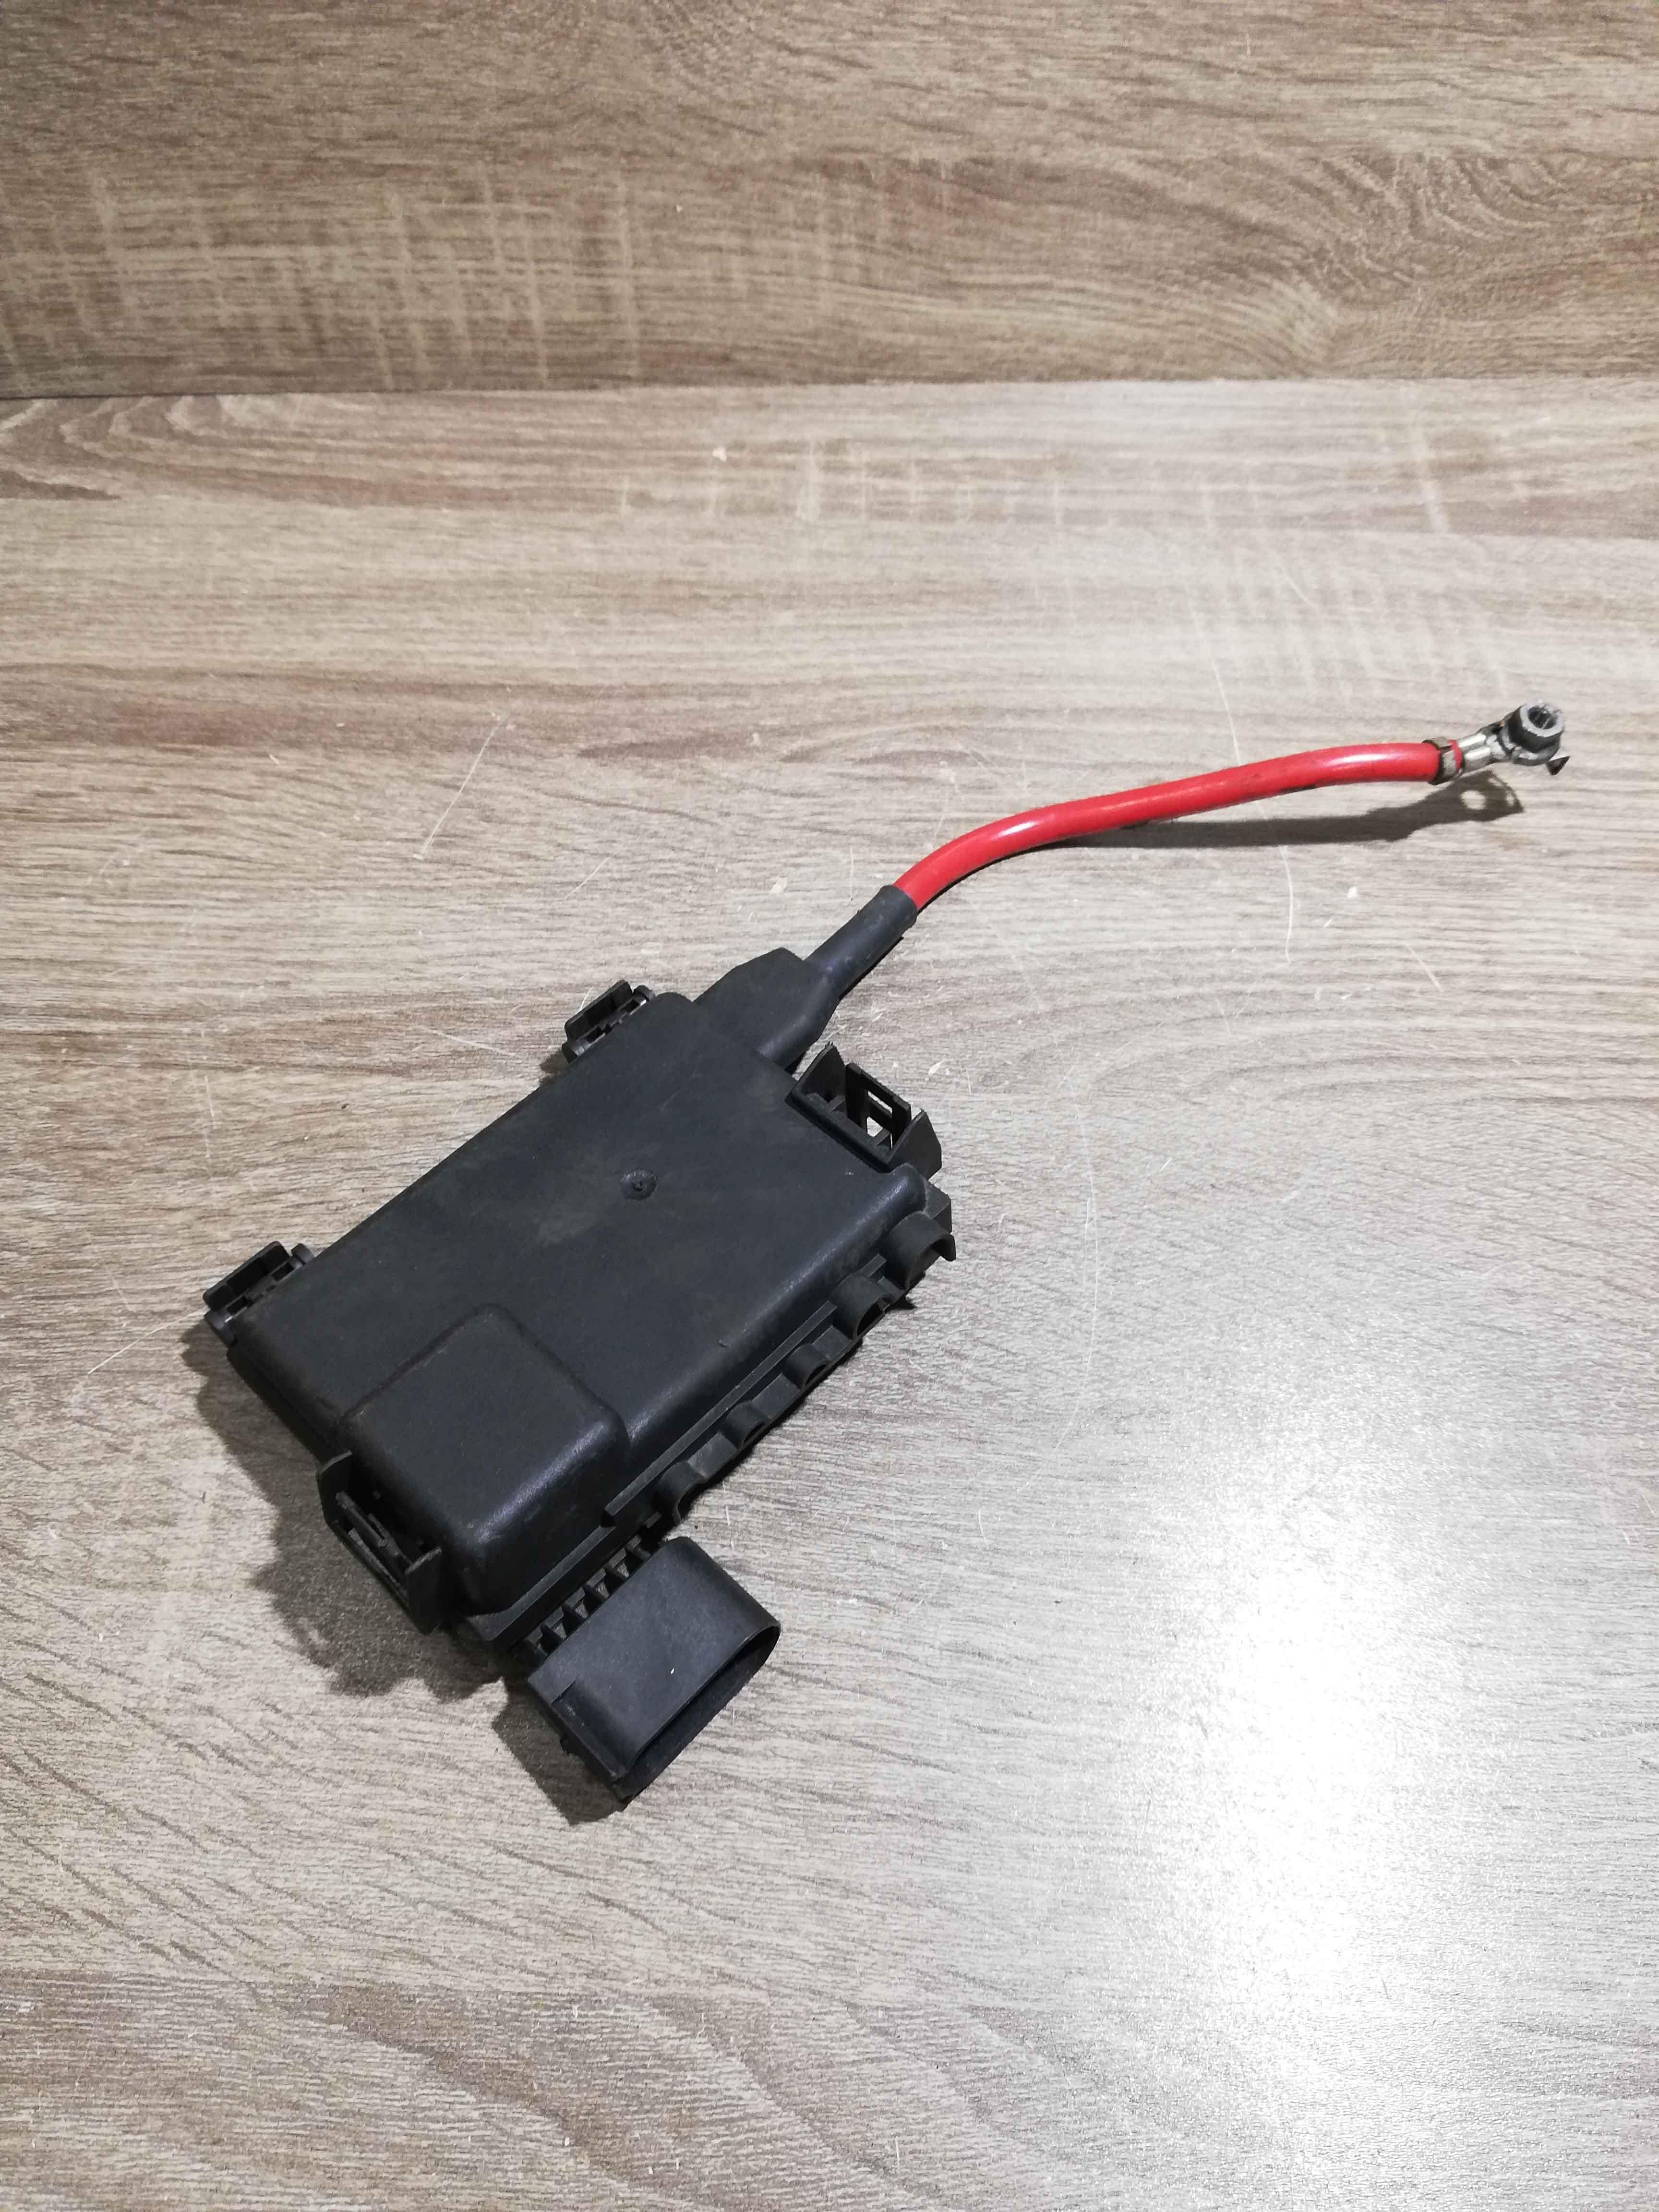 FORD-Galaxy-7M3937548A-YM2114B261AB-Batteria-Fusibile-Morsetto-Cavo-positivo